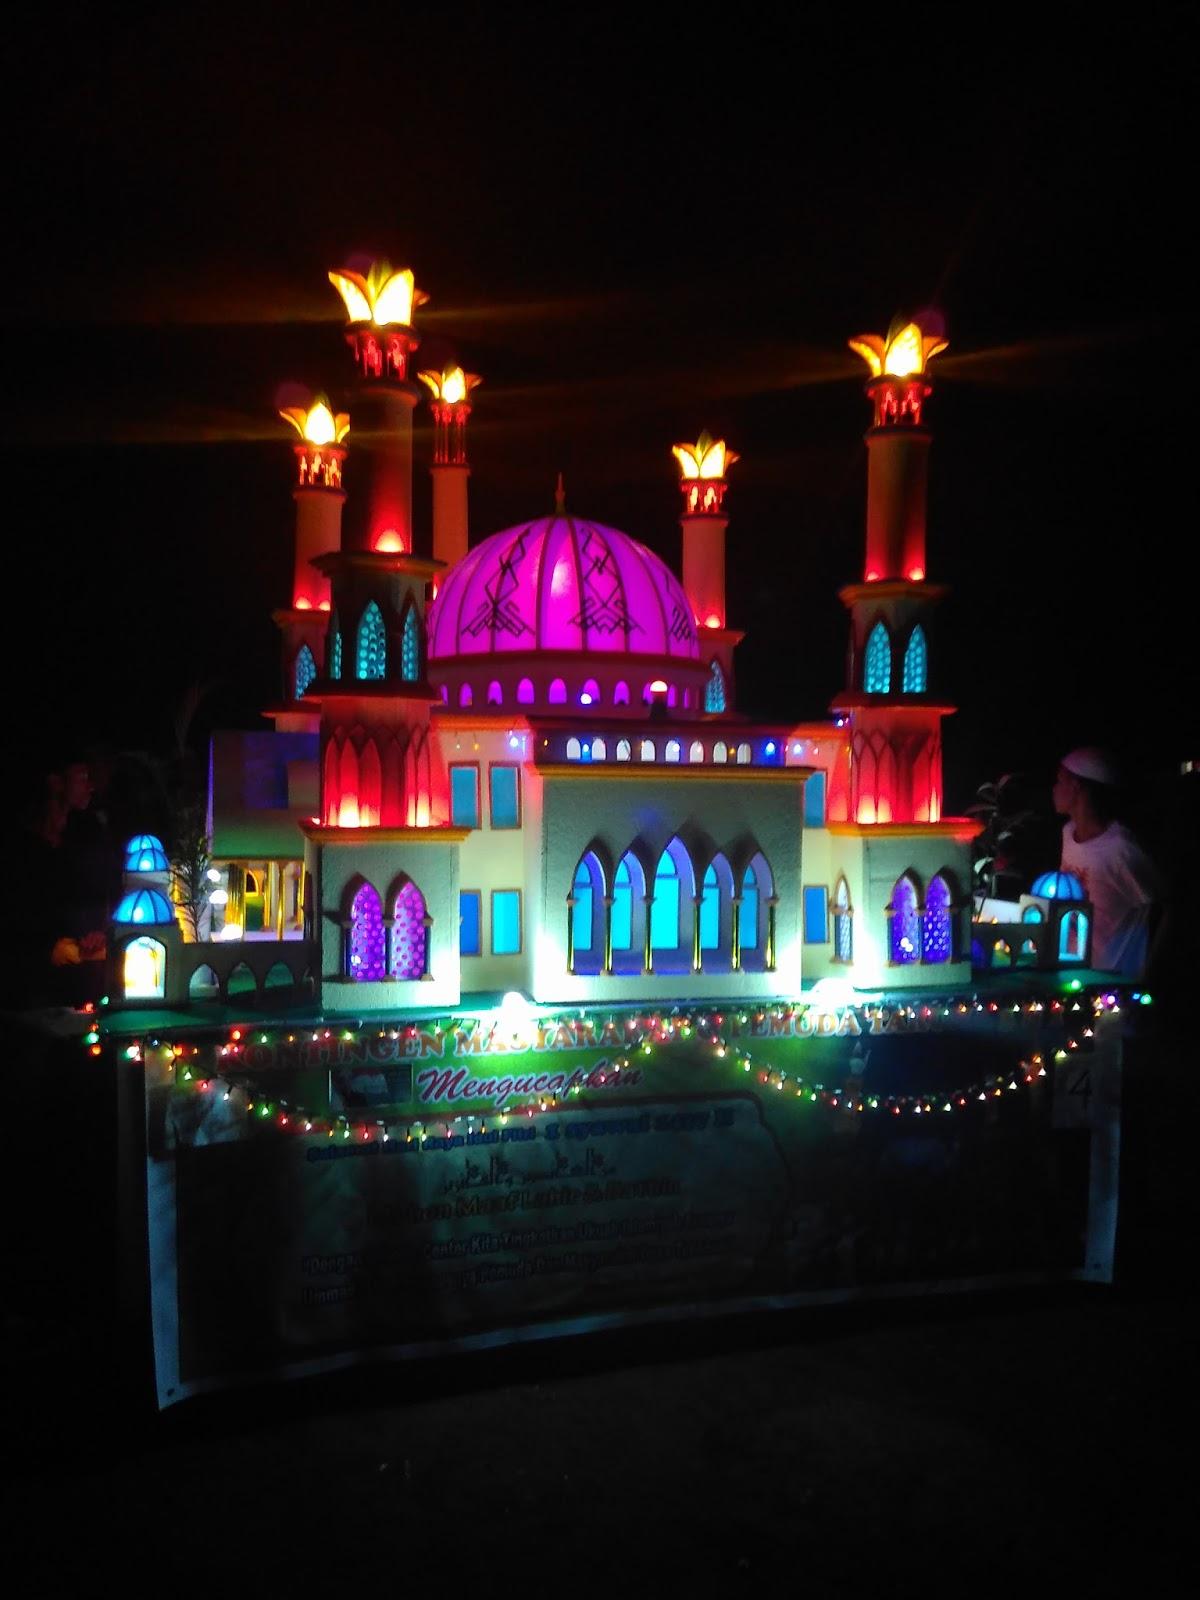 Kumpulan  Gambar Masjid Lampion Terbaik